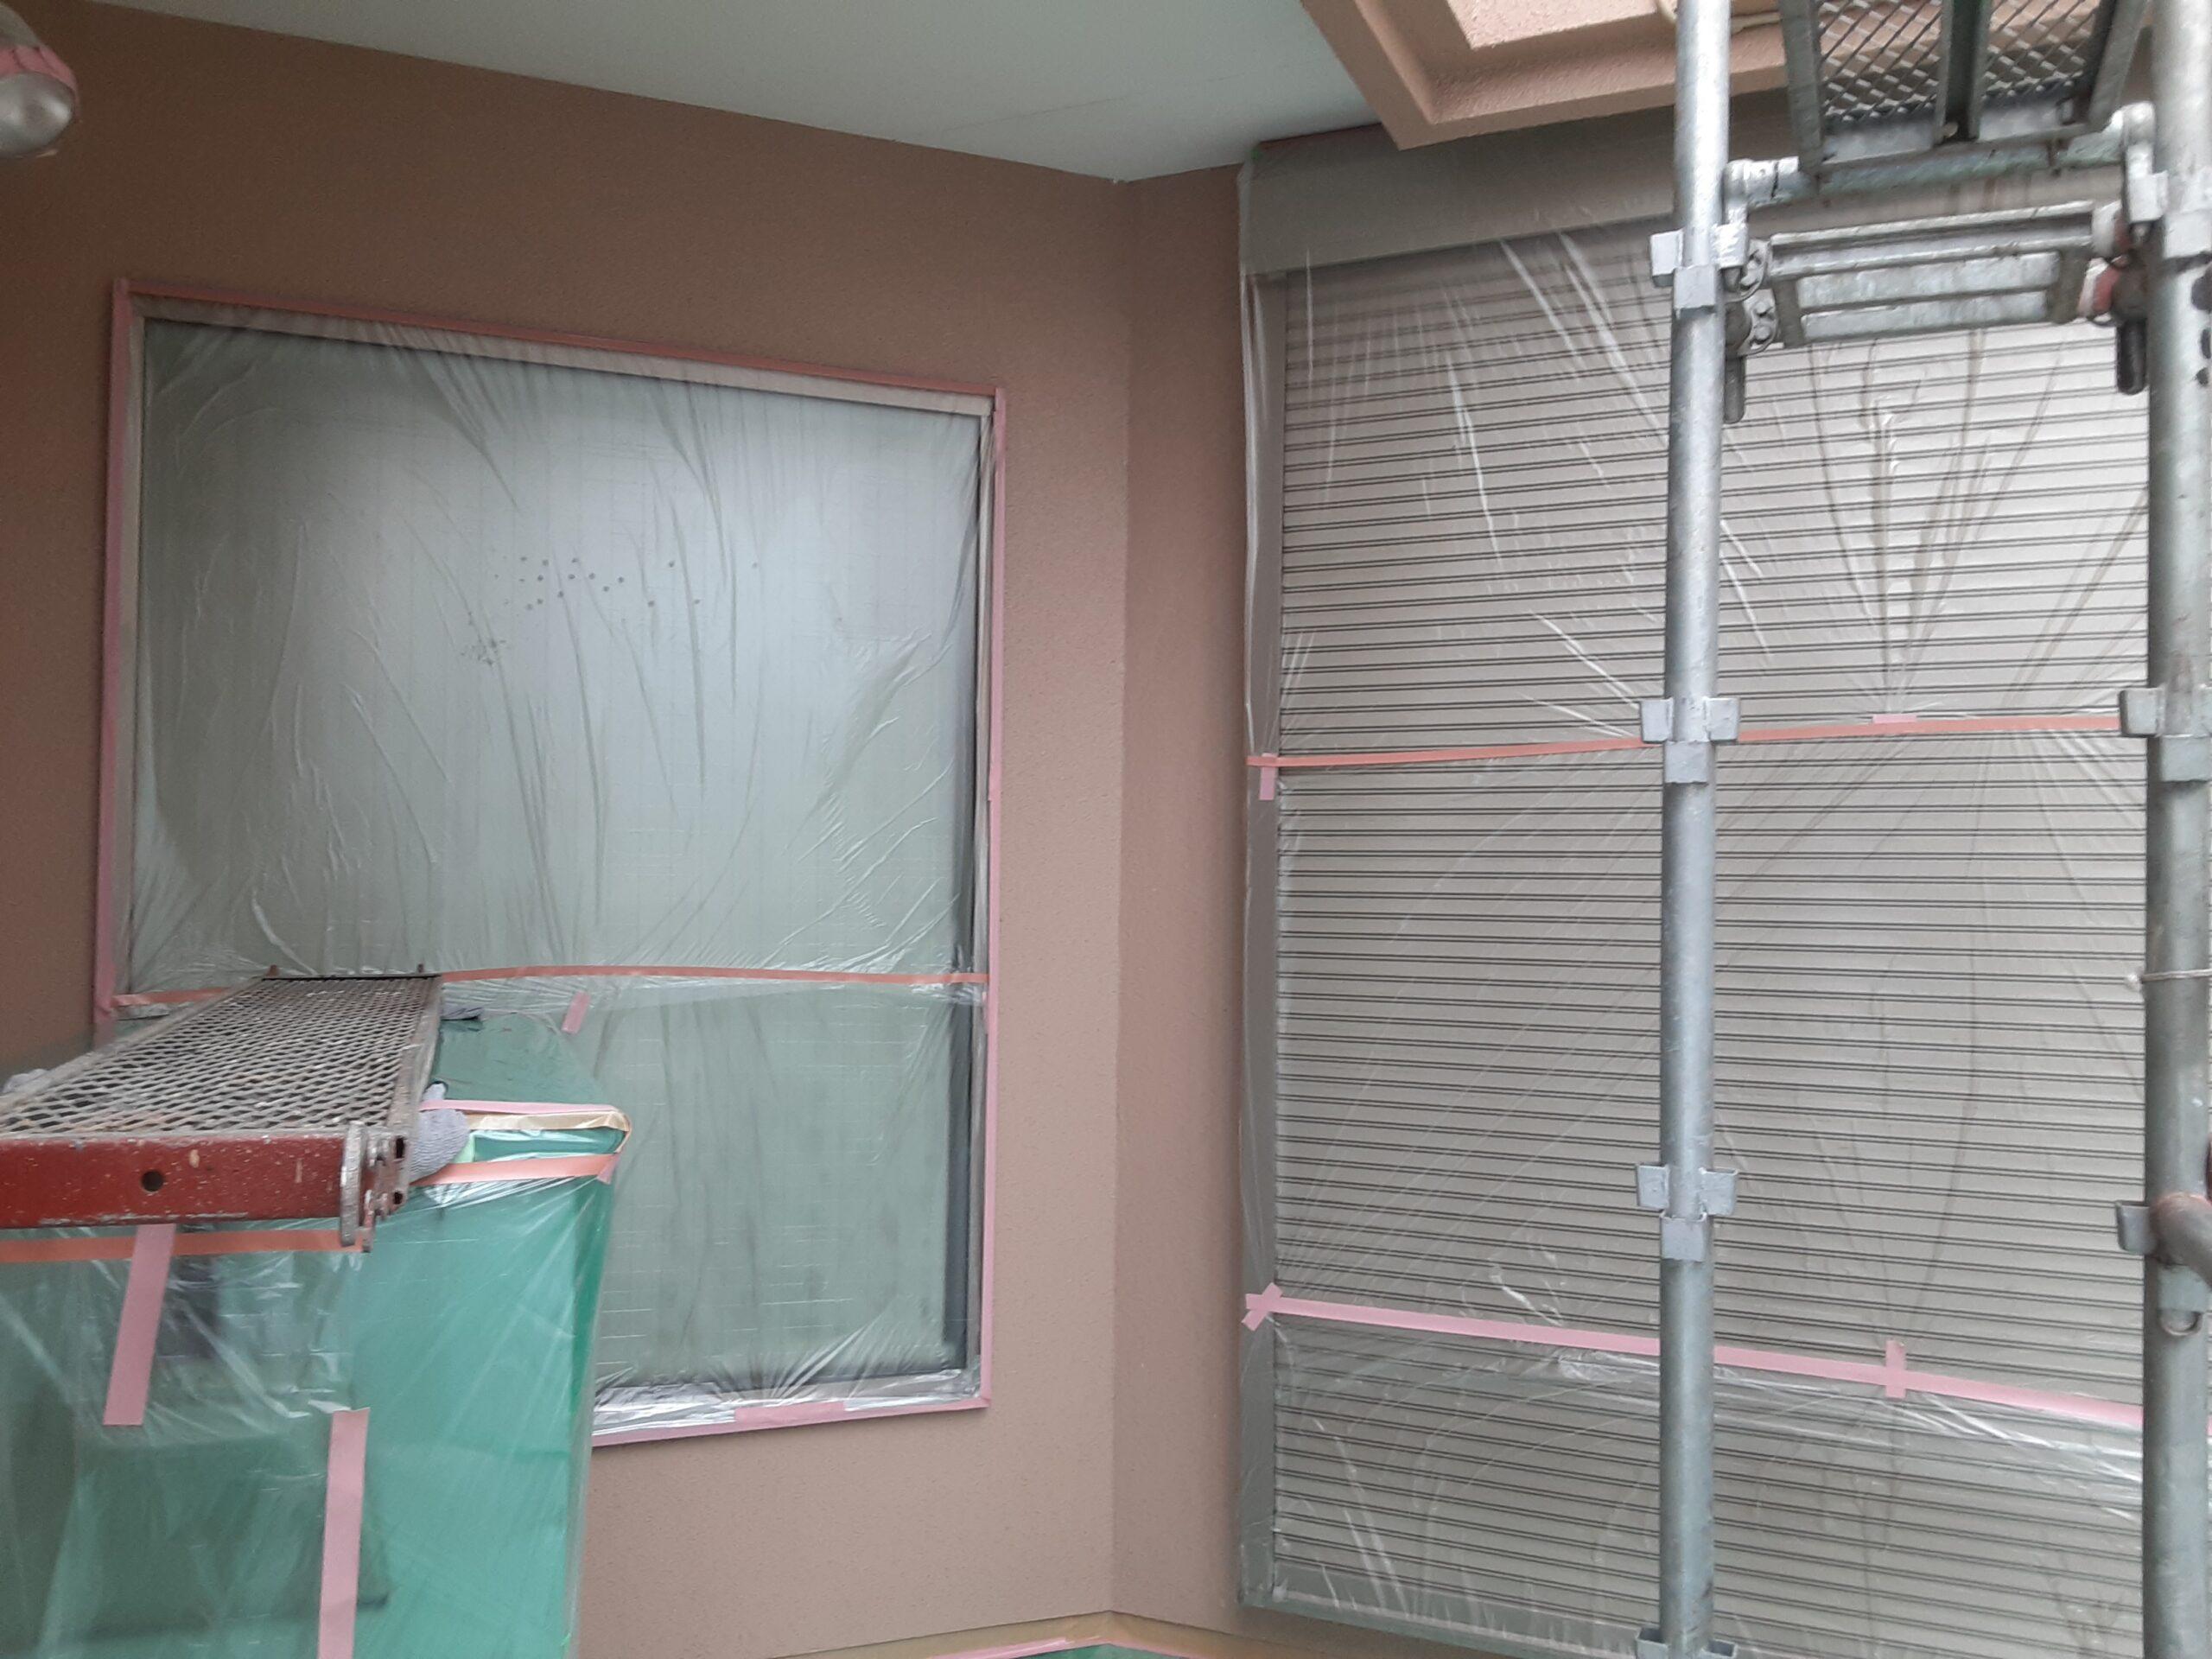 埼玉県さいたま市 屋根、外壁の塗装/さいたま市大宮区の(木造2階建て)W様邸にて塗り替えリホーム中